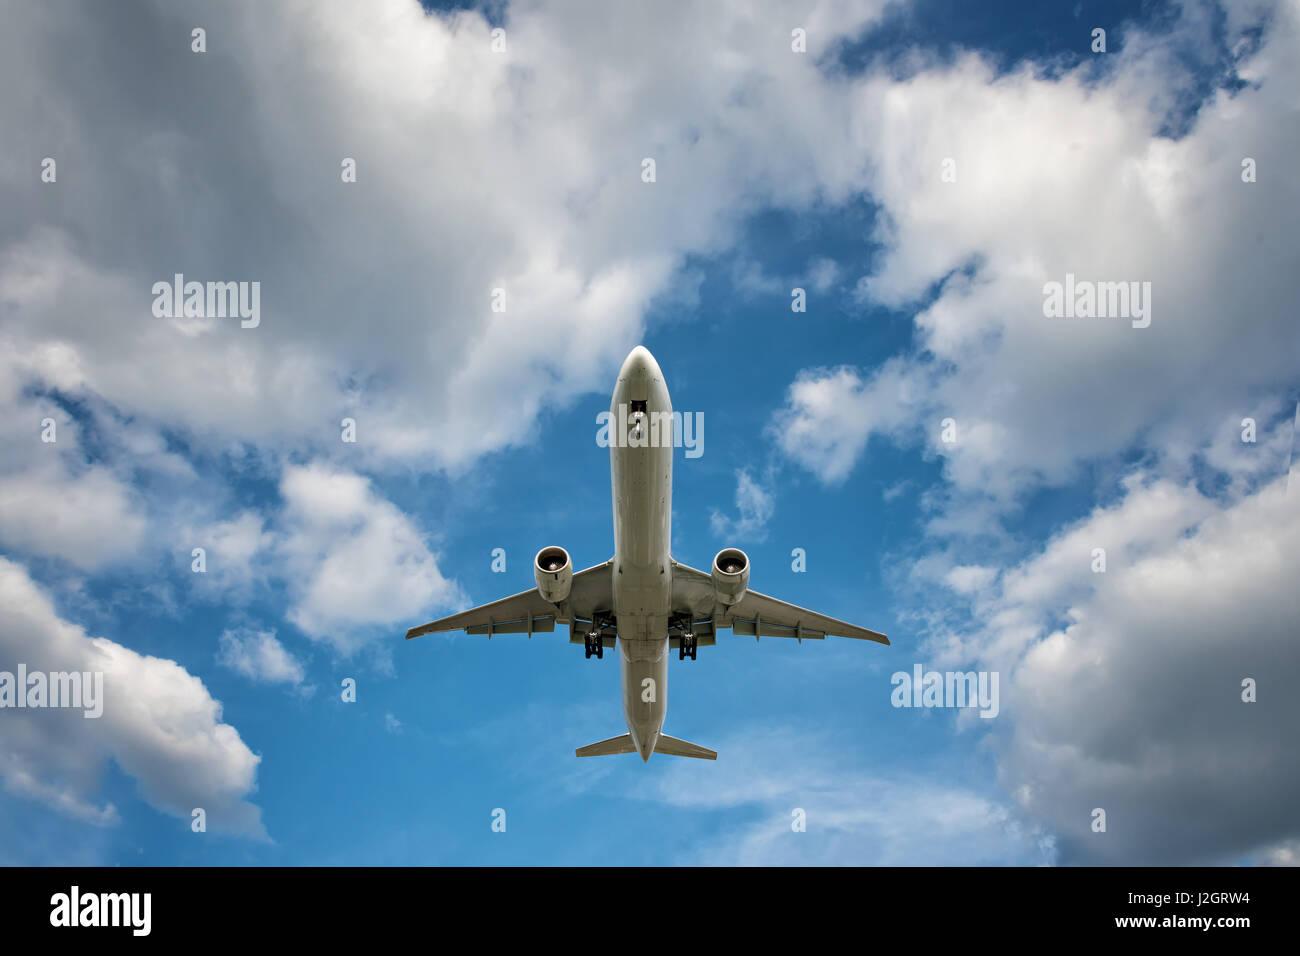 Big jet plane sur fond de ciel bleu nuageux Photo Stock